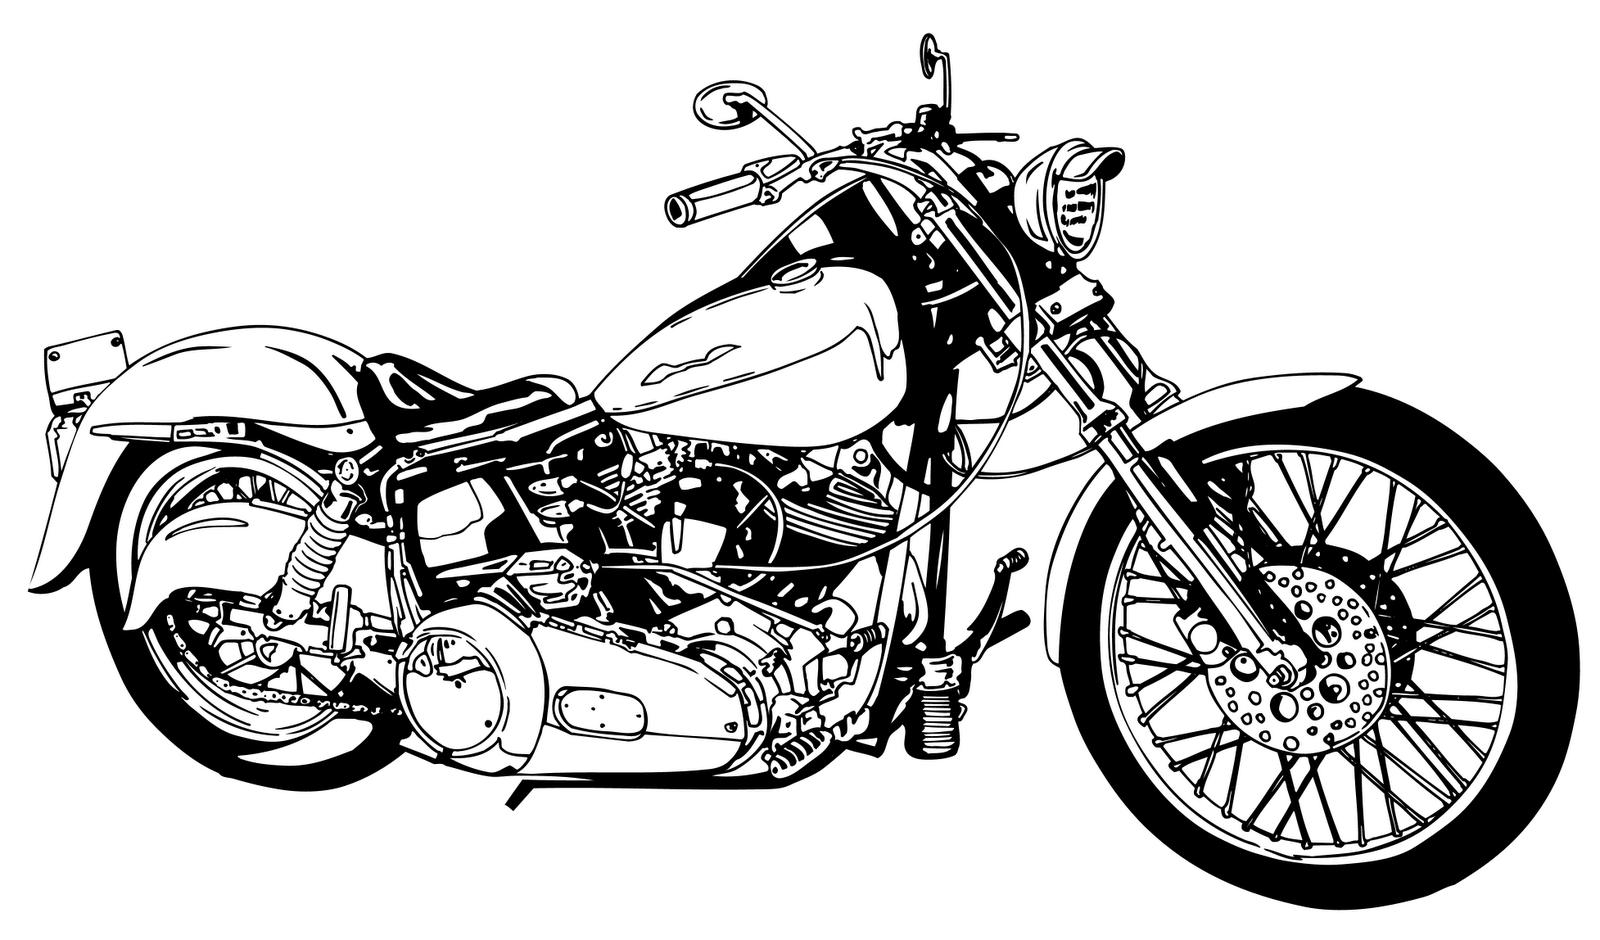 free motorcycle art wallpaper